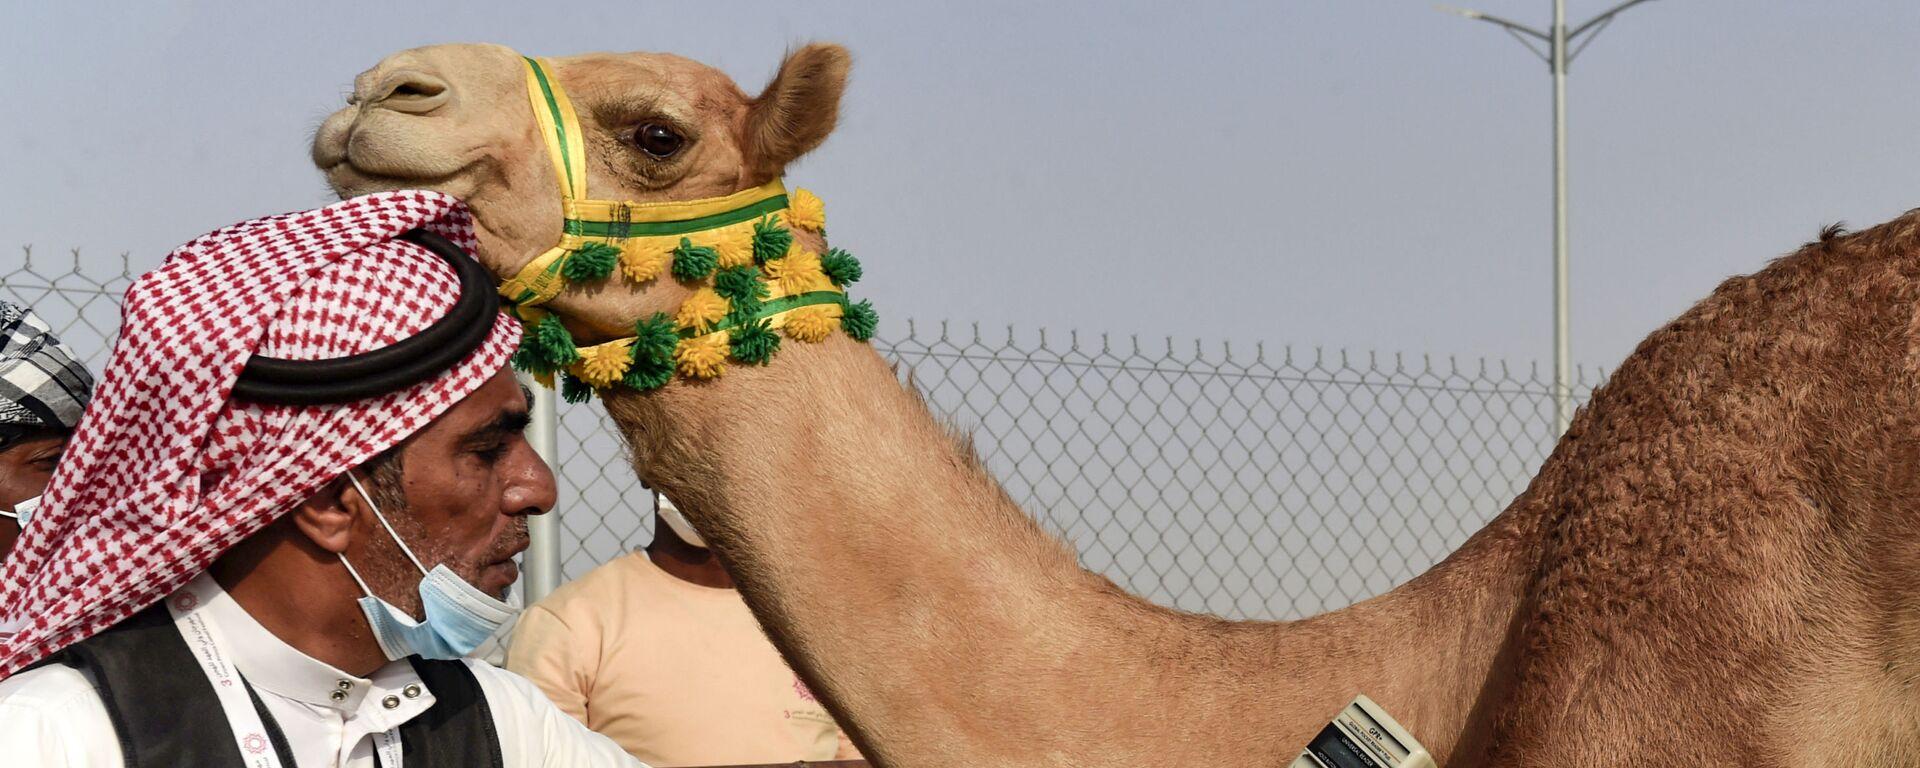 Проверка микрочипа верблюдов во время соревнования в саудовском городе Таиф - Sputnik Italia, 1920, 12.08.2021